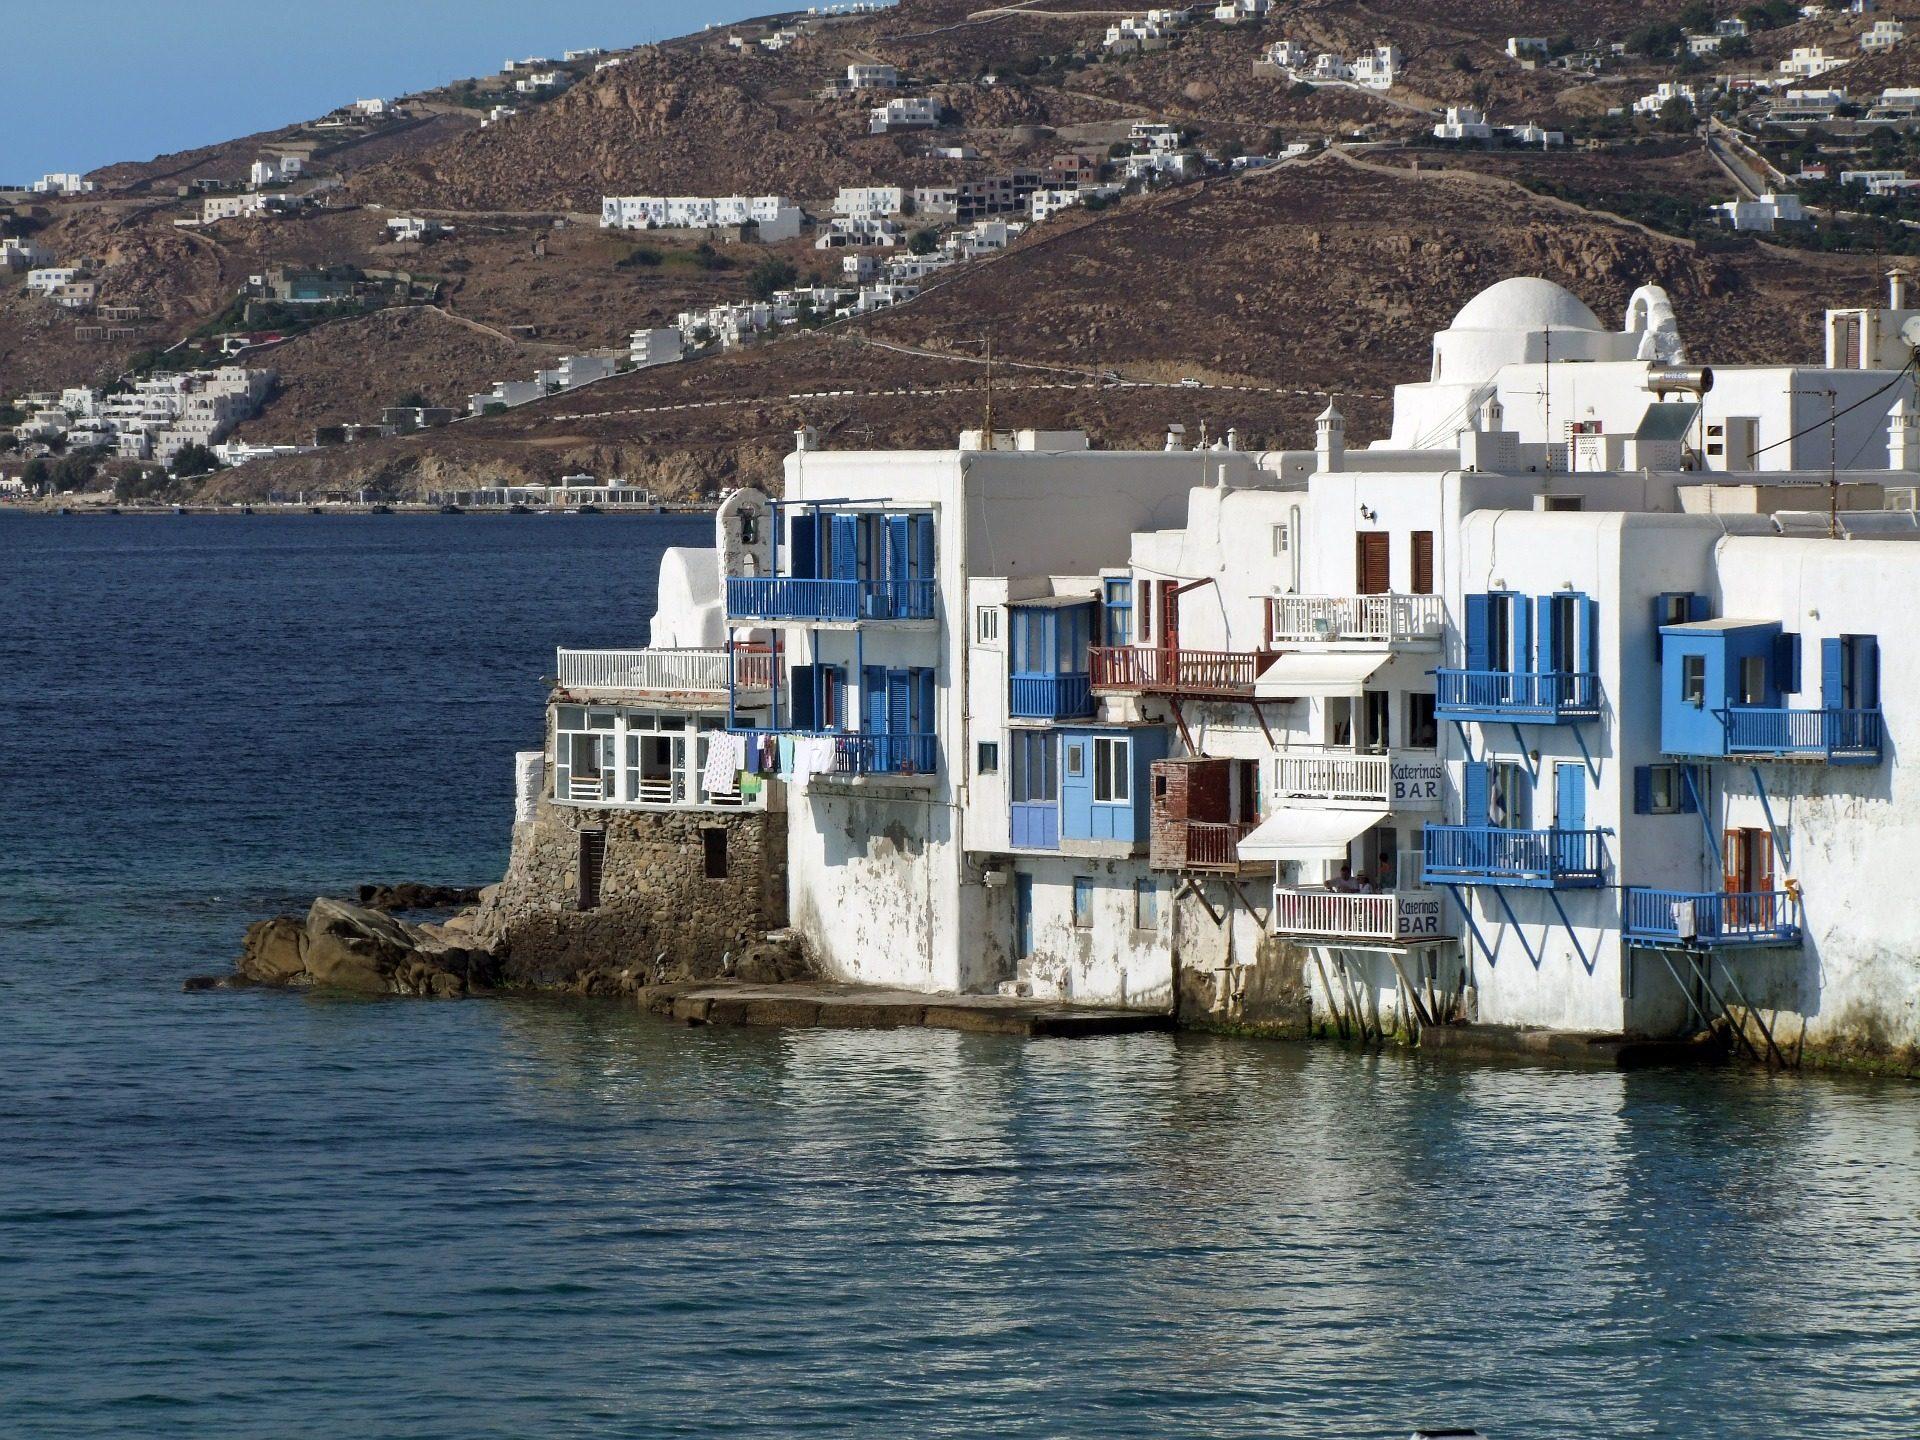 village, Mer, maisons, Montagne, : Mýkonos City, Grèce - Fonds d'écran HD - Professor-falken.com